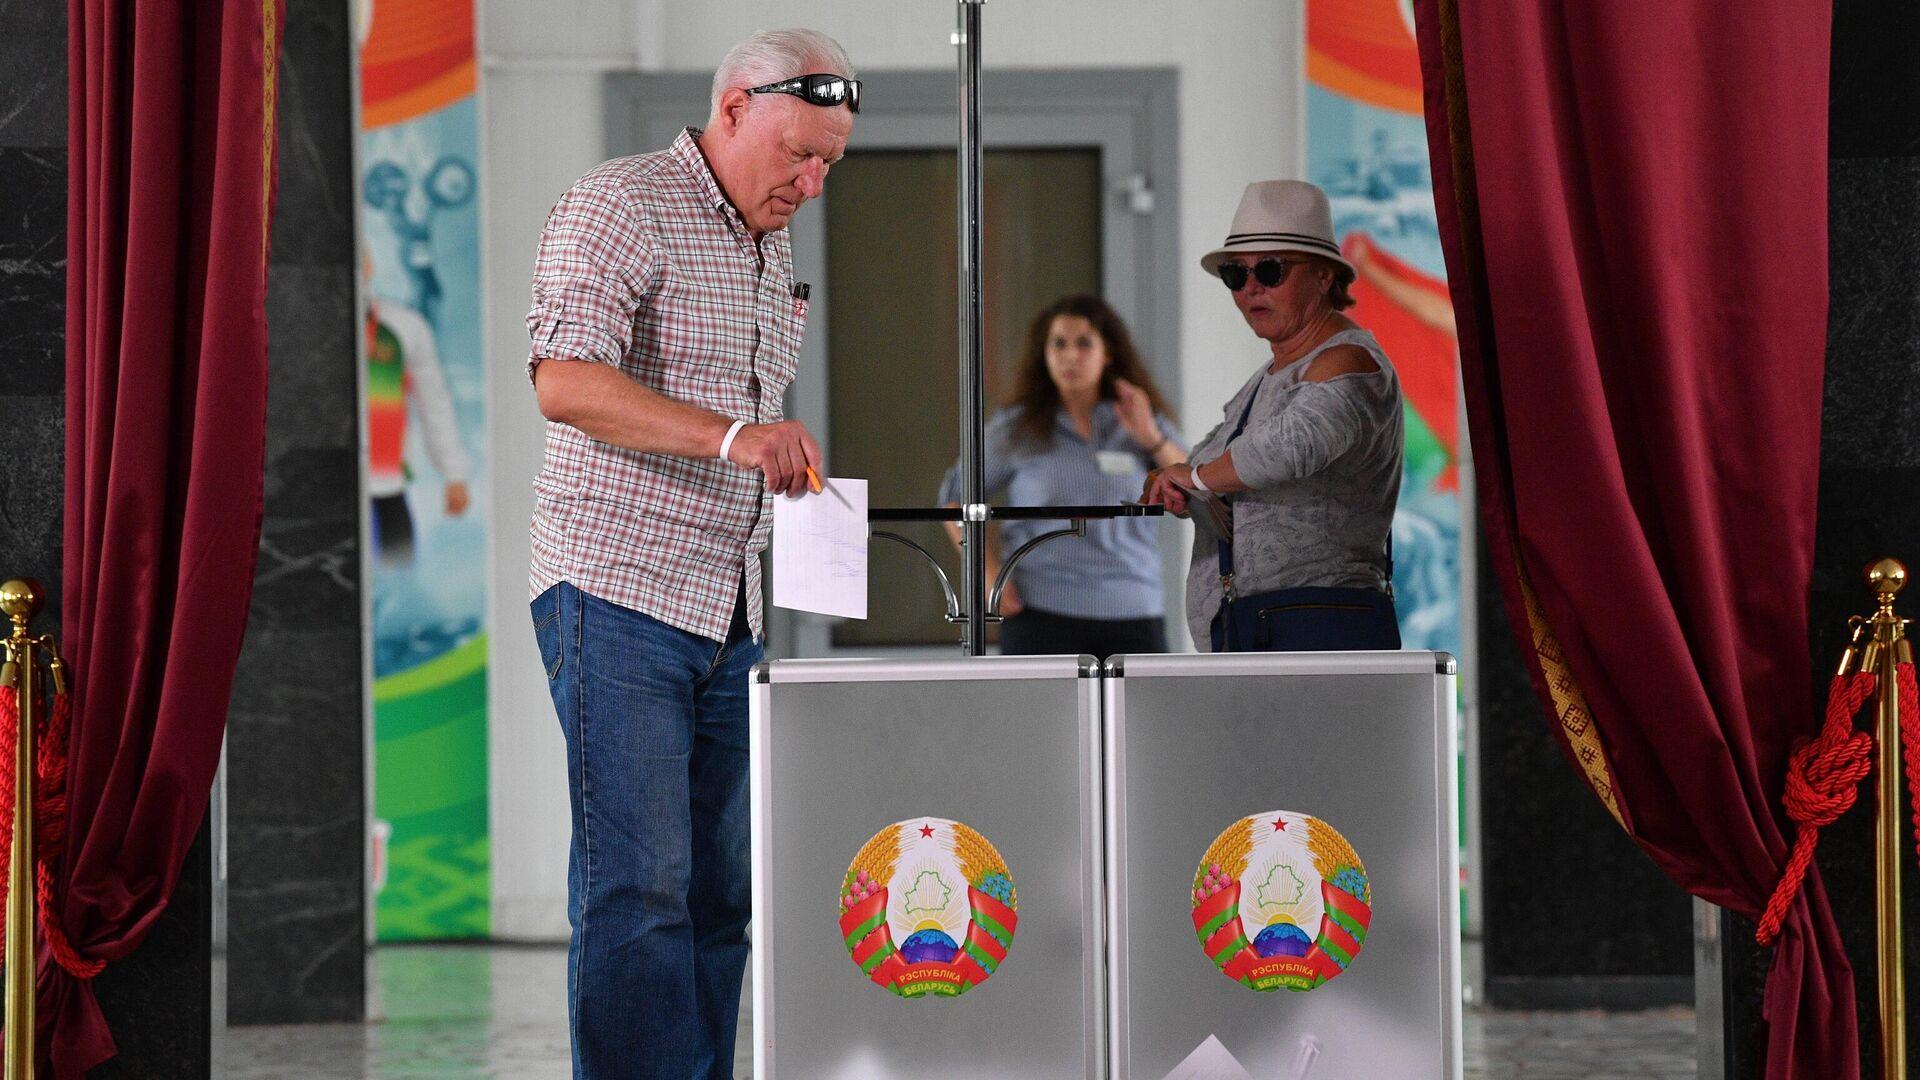 Мужчина голосует на выборах президента Белоруссии на избирательном участке в Минске - РИА Новости, 1920, 21.09.2020